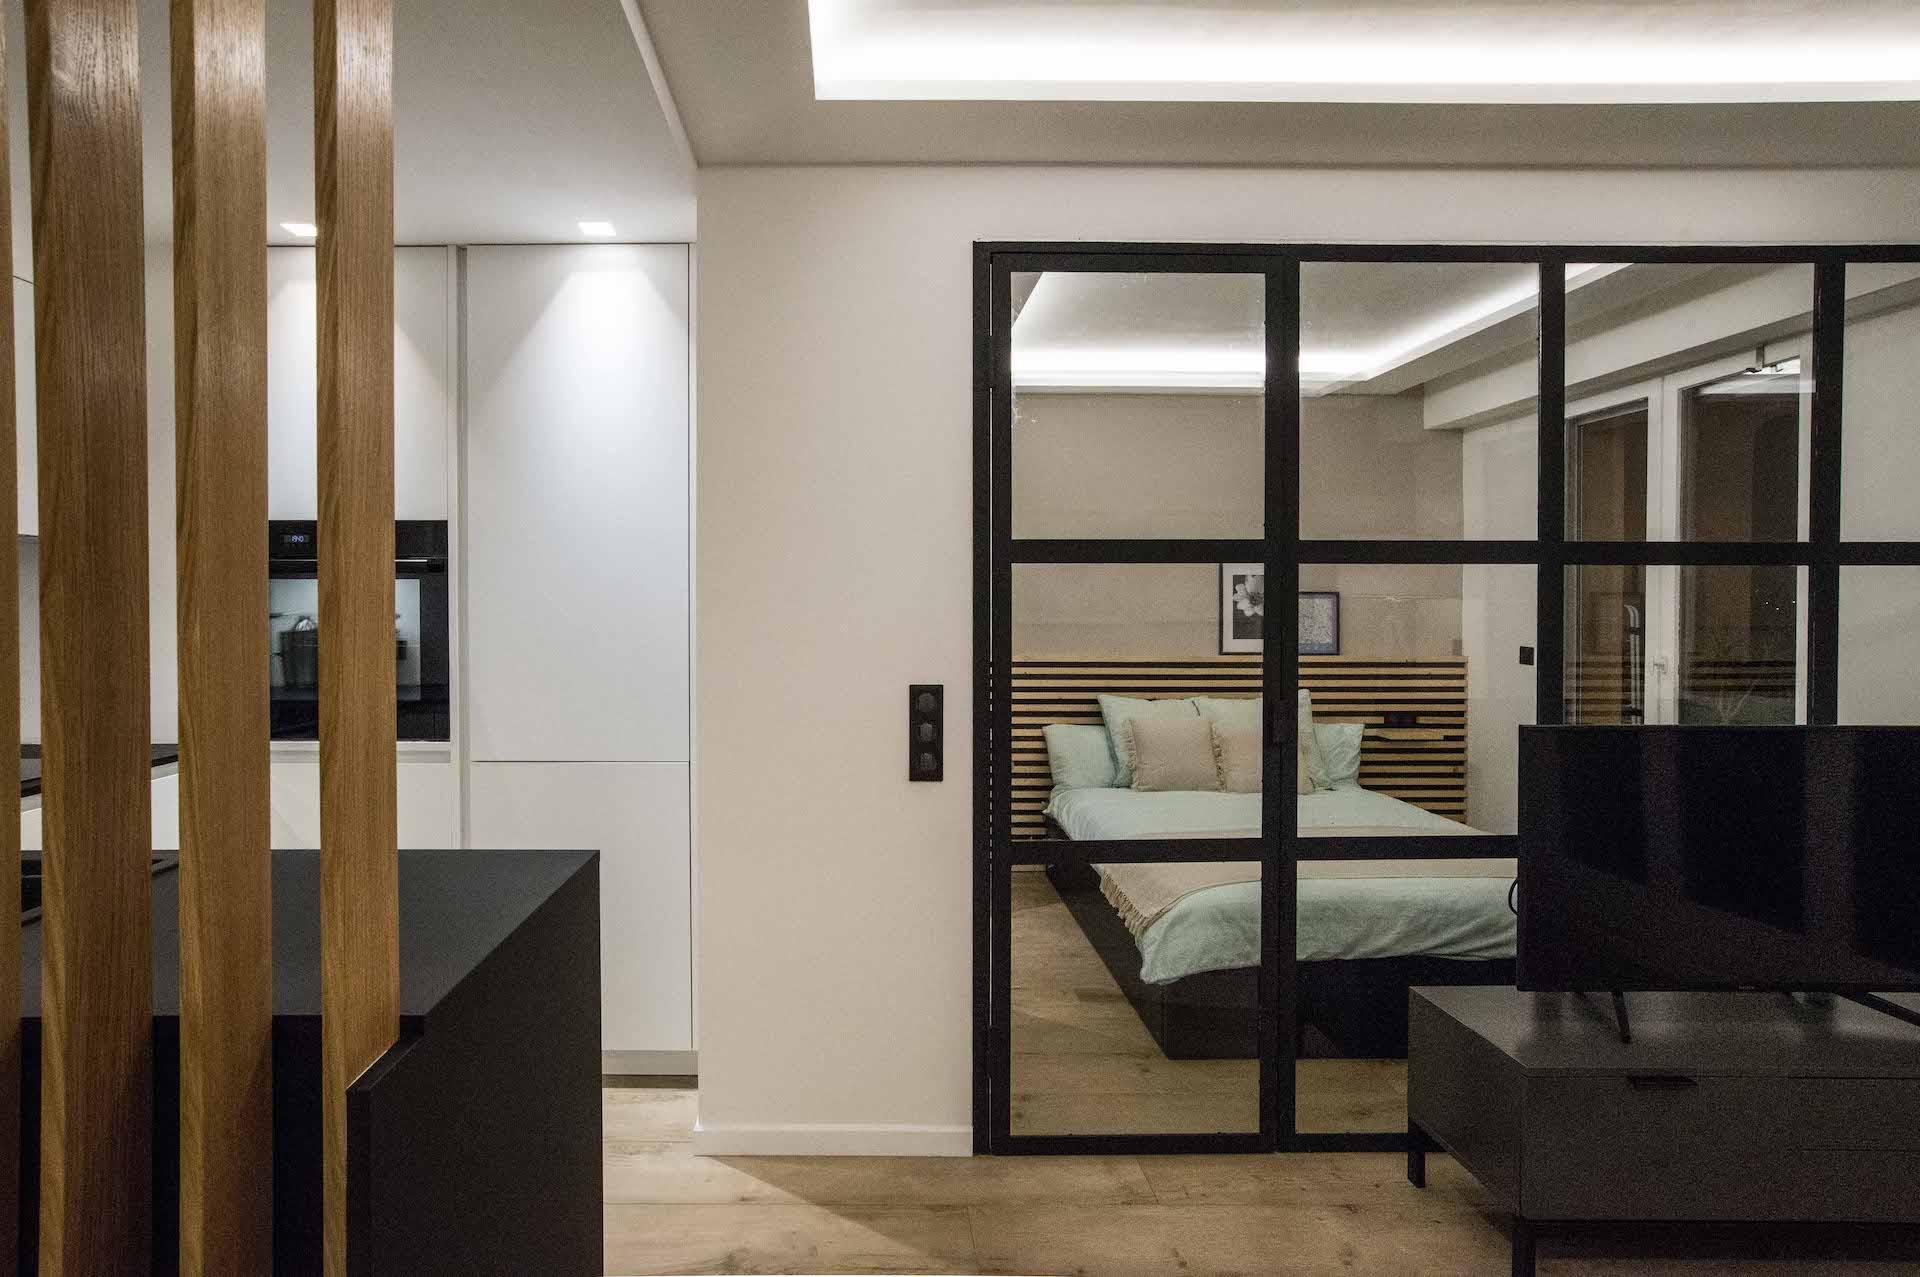 Rénovation-aménagement-décoration-appartement-Sainte-Maxime-architecte-interieur-var20